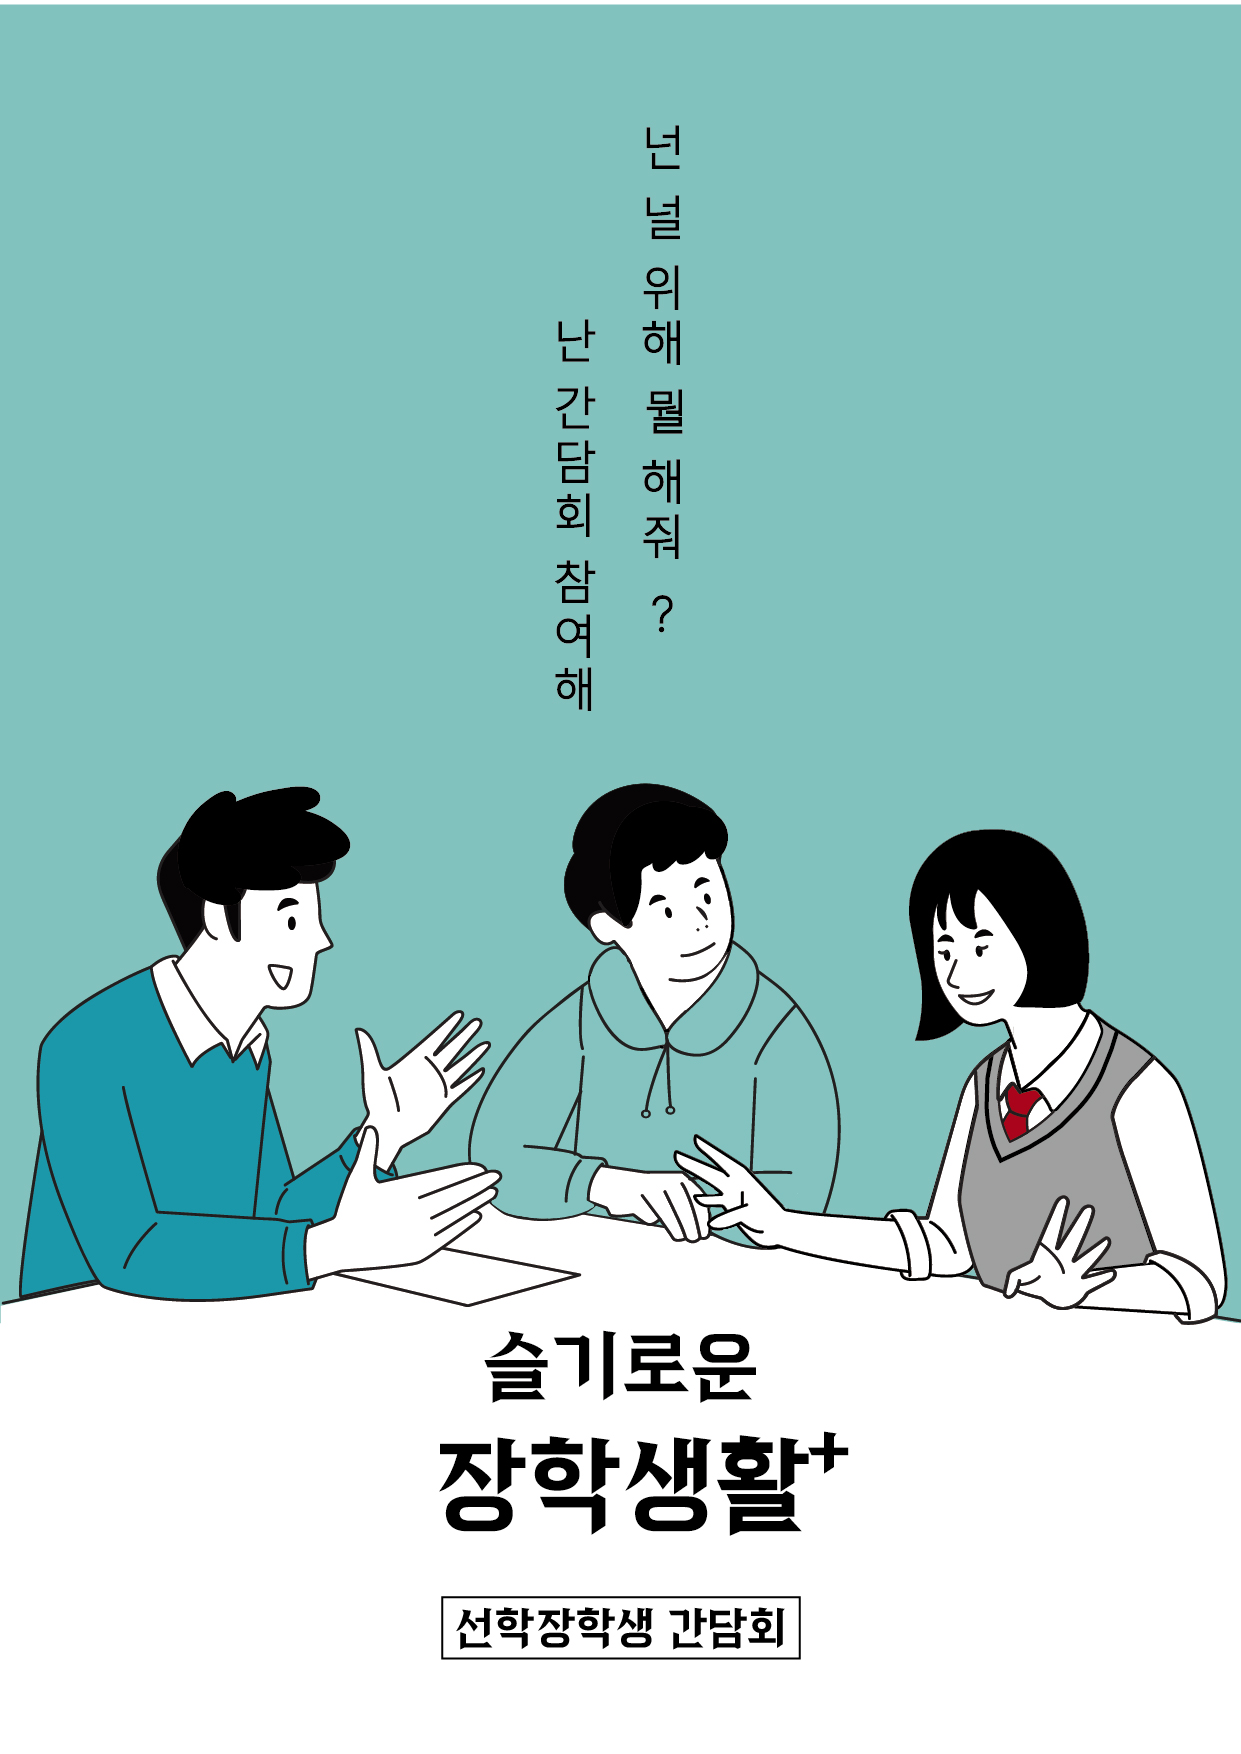 선학장학생 간담회 포스터_대지 1.jpg